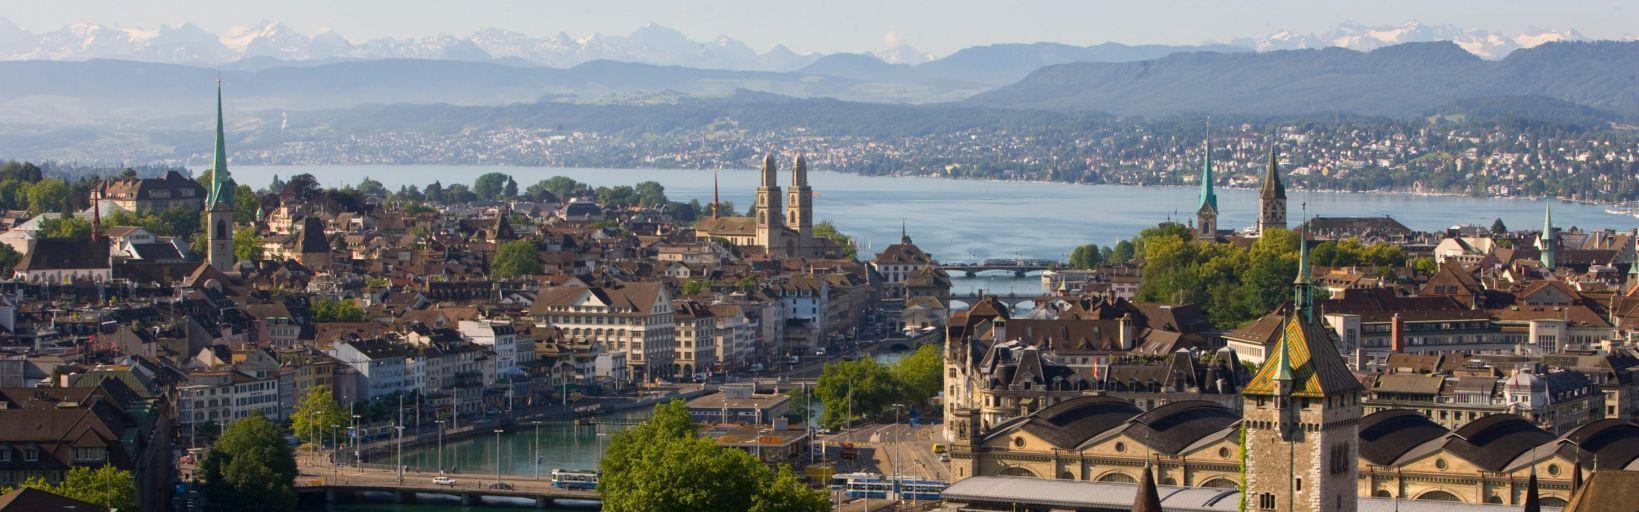 Hotels Near Zurich Airport Holiday Inn Zurich Messe